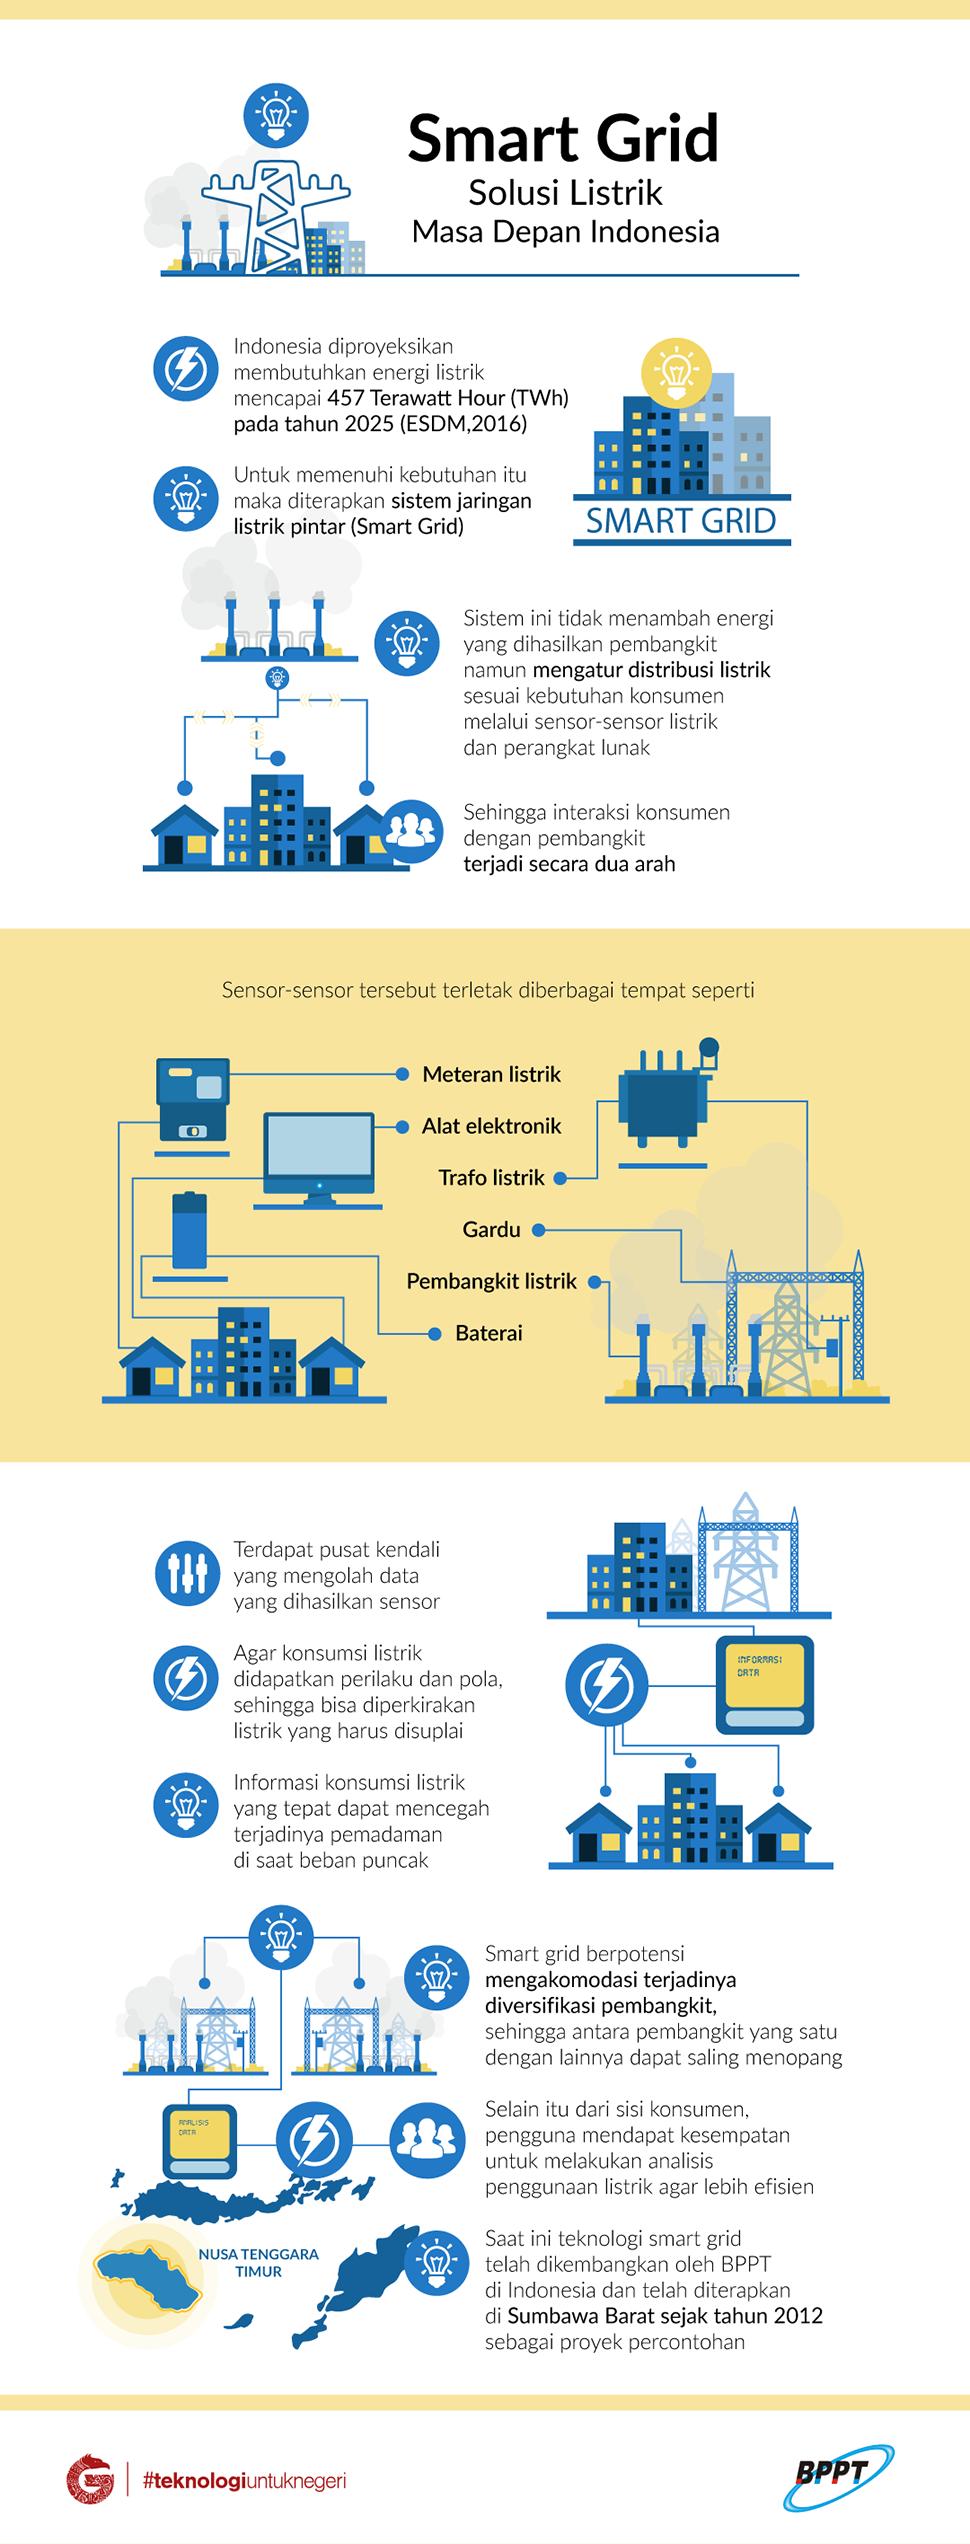 Smart Grid Solusi Listrik Masa Depan Indonesia